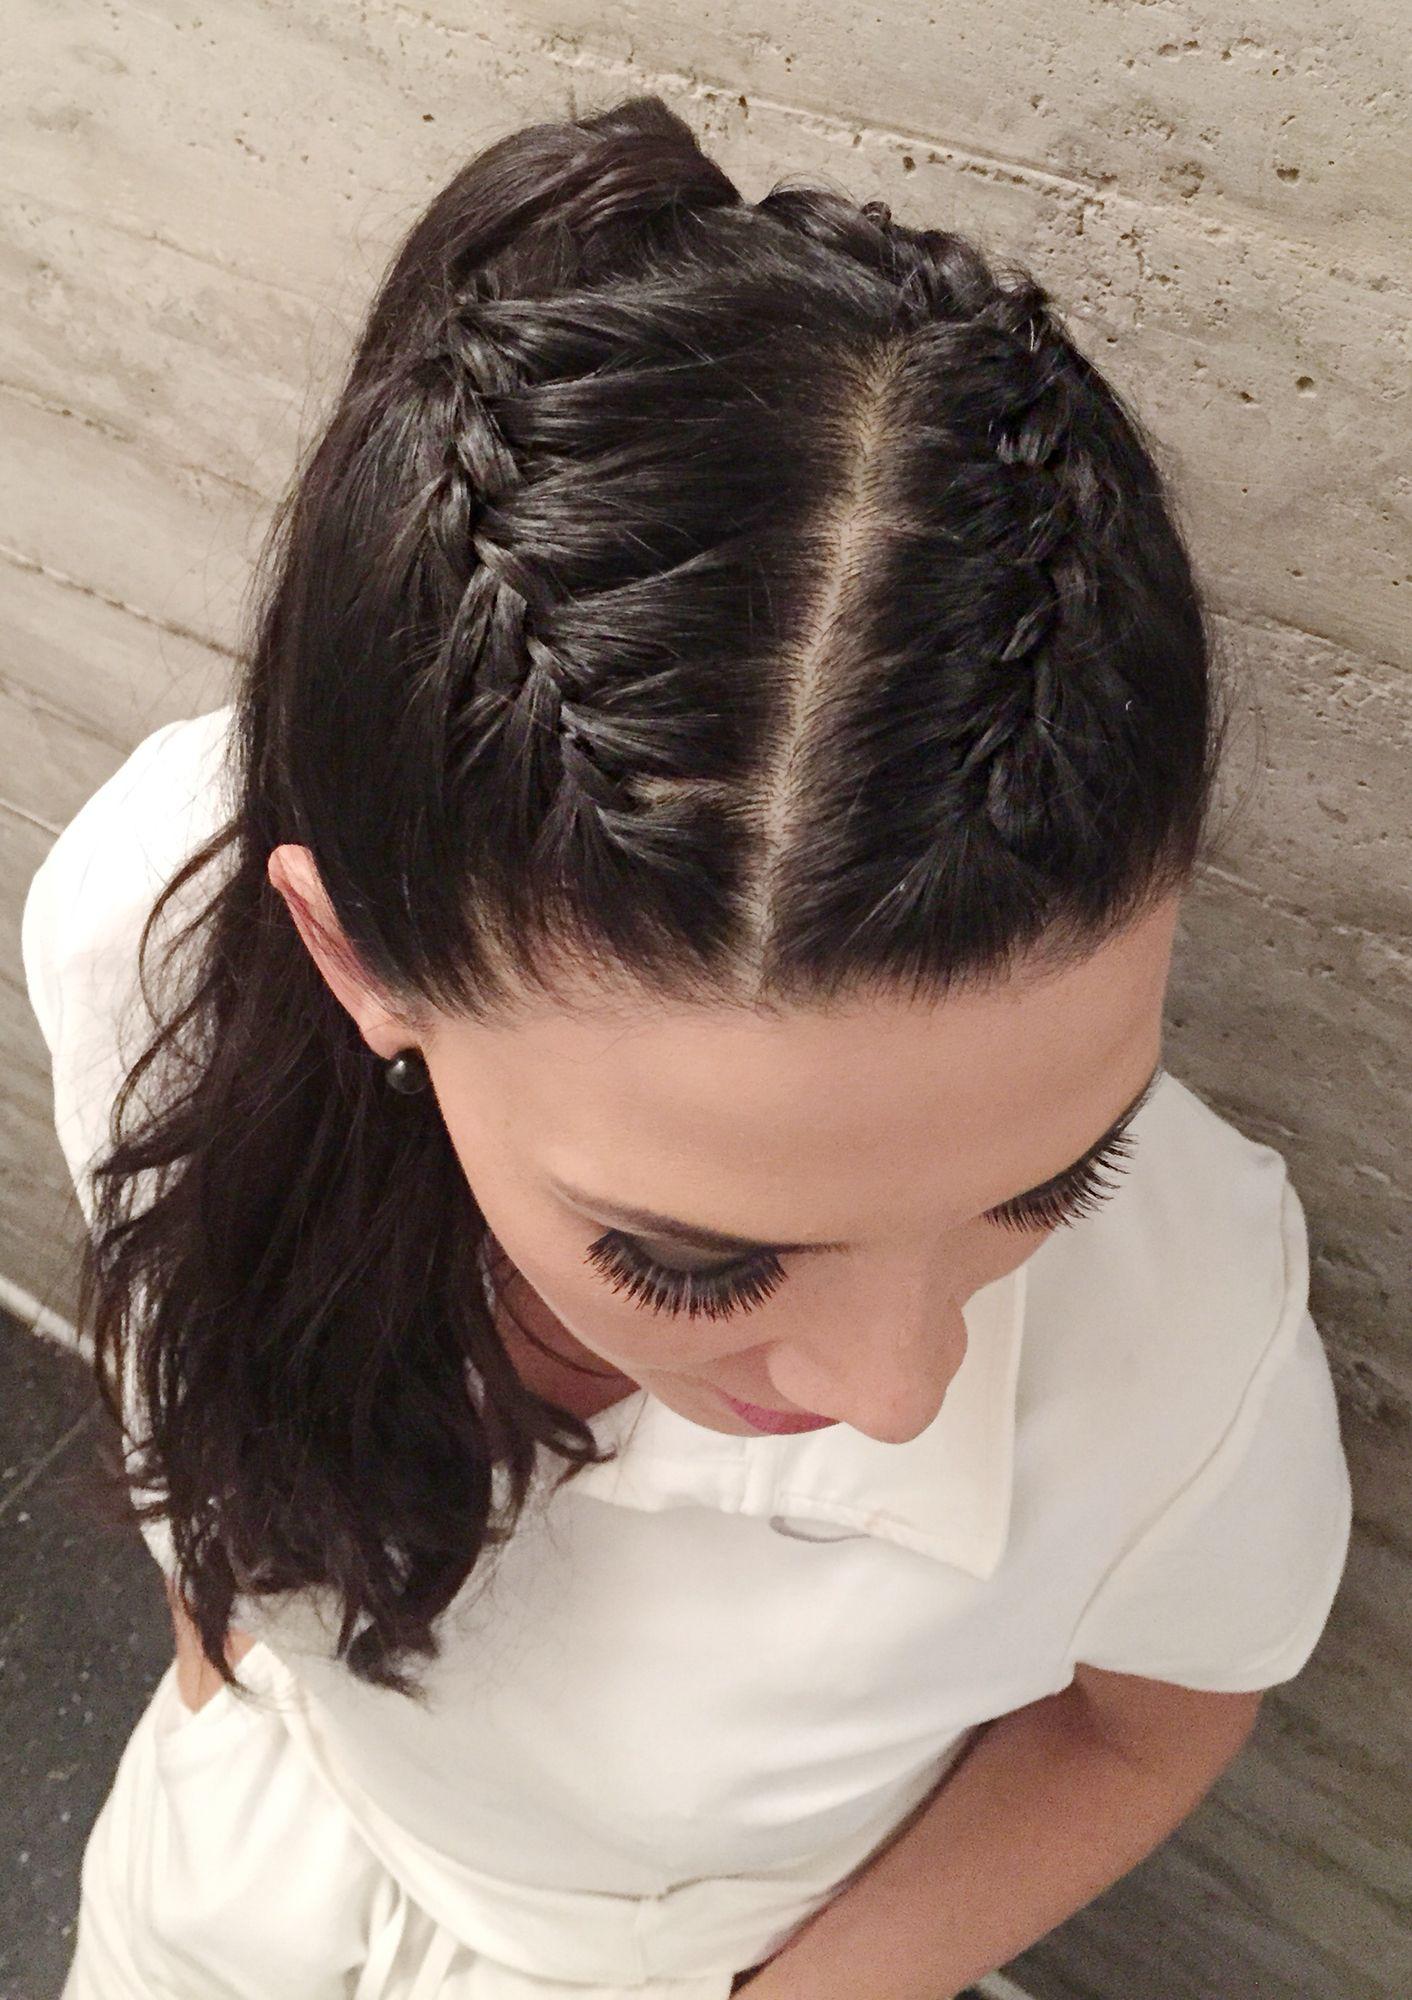 Peinados dos trenzas y pelo suelto